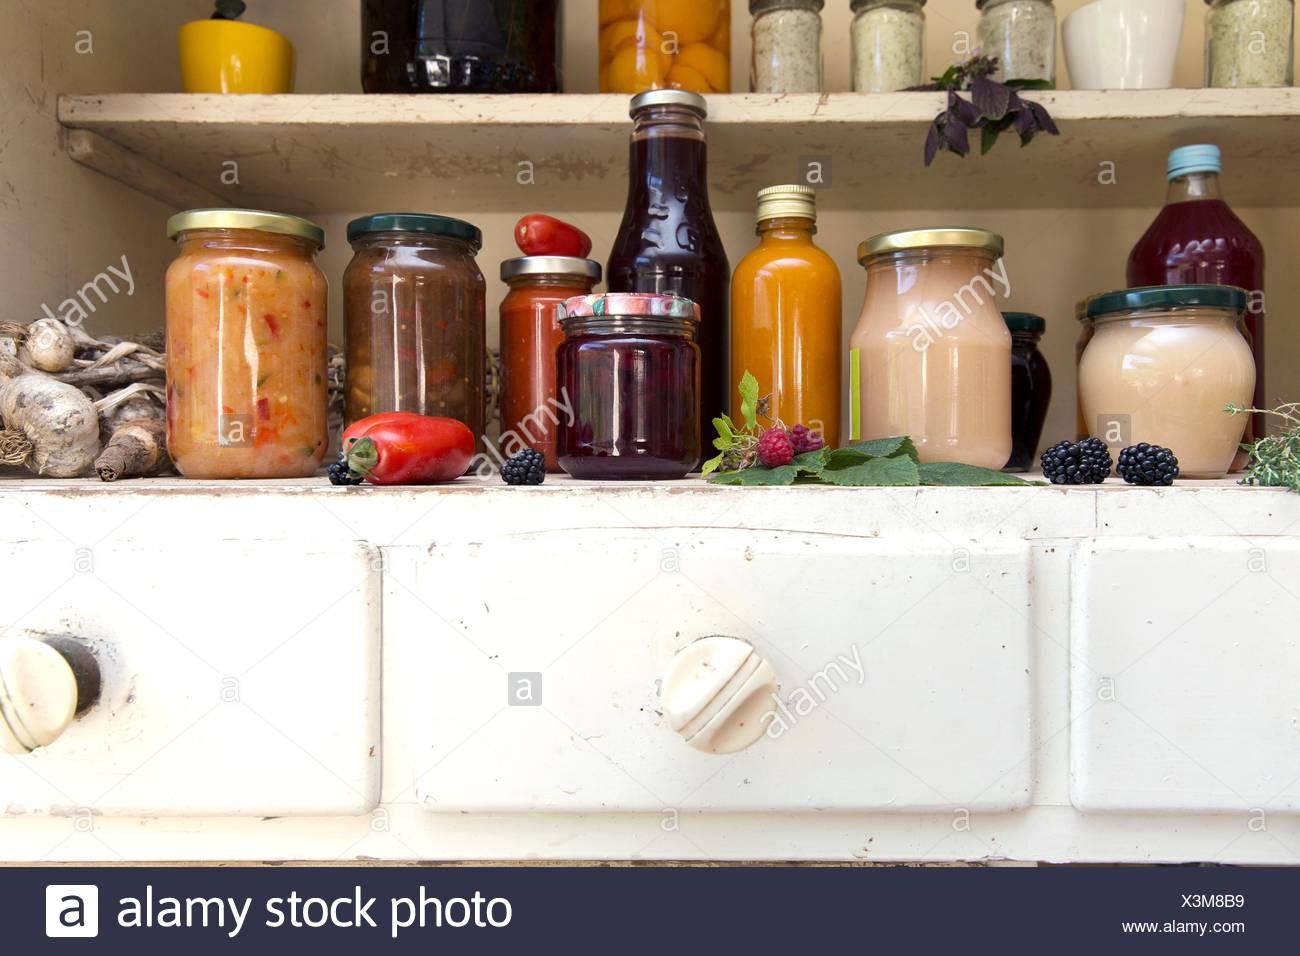 Kitchen Cabinet Stockfotos & Kitchen Cabinet Bilder - Alamy